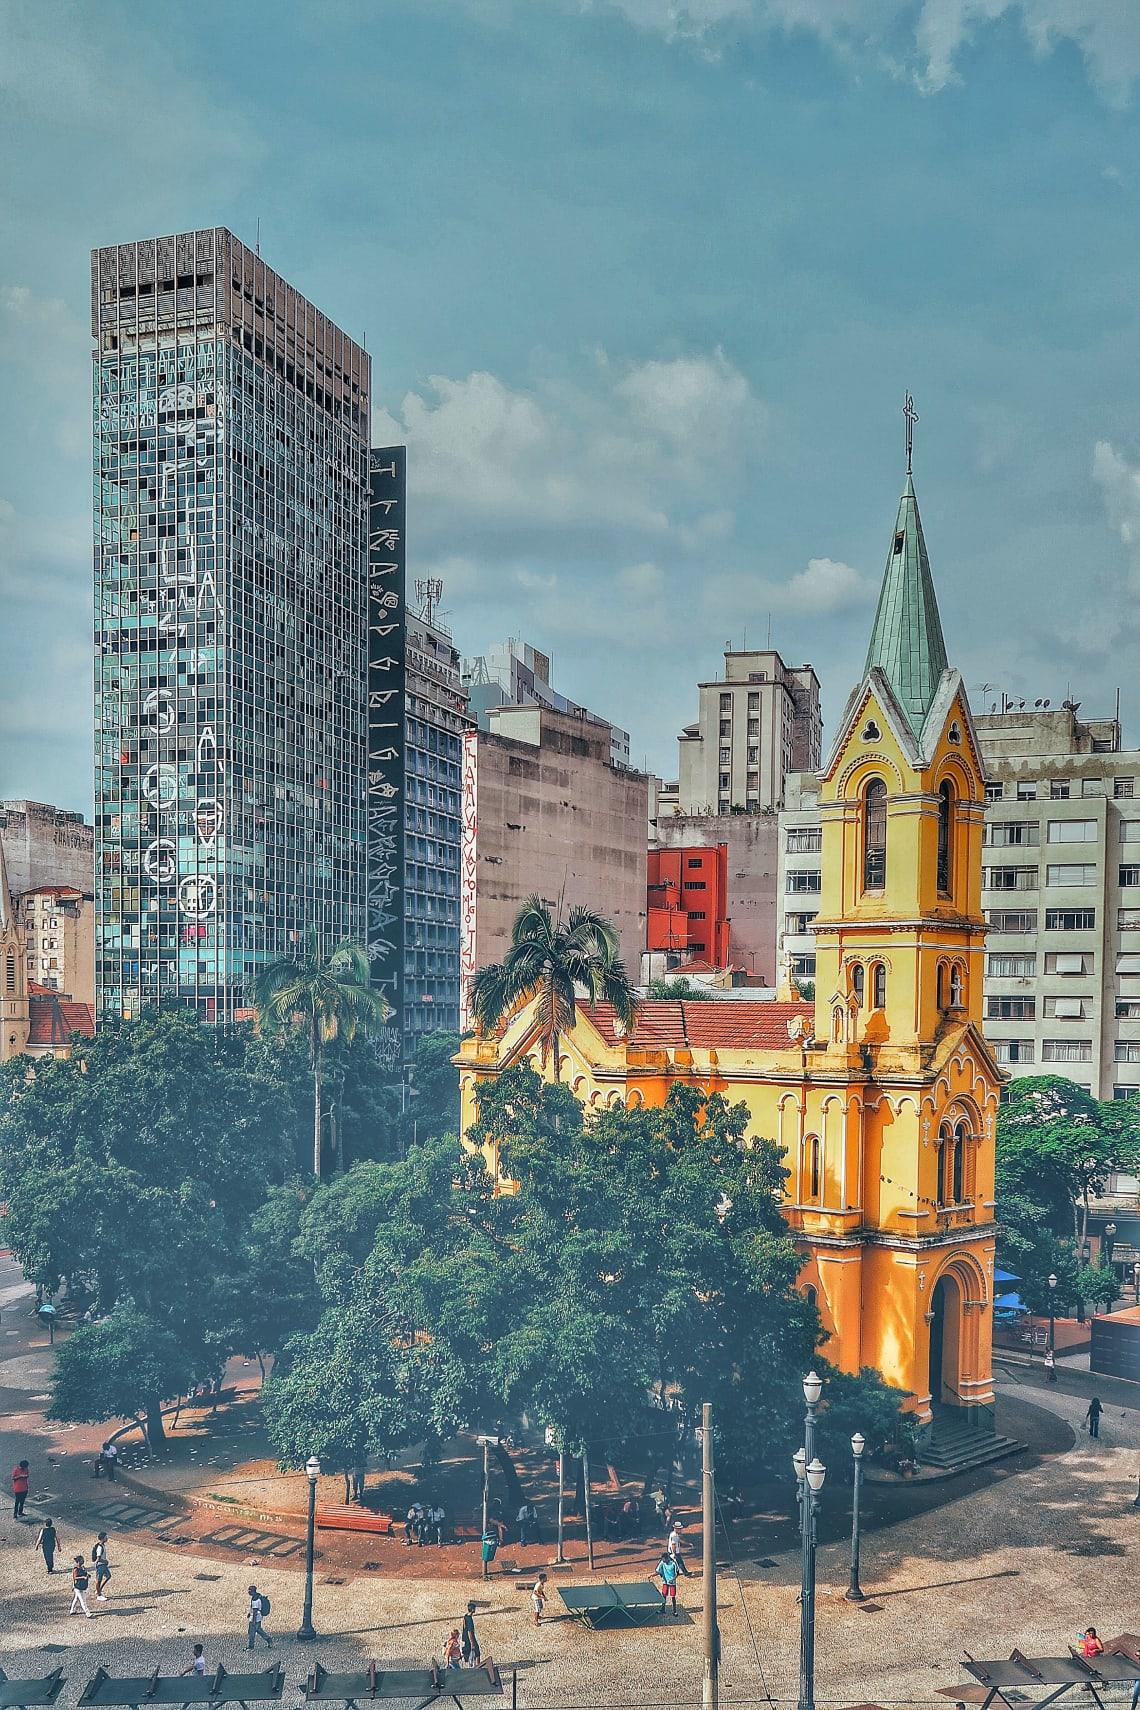 São Paulo, Brazil, South America